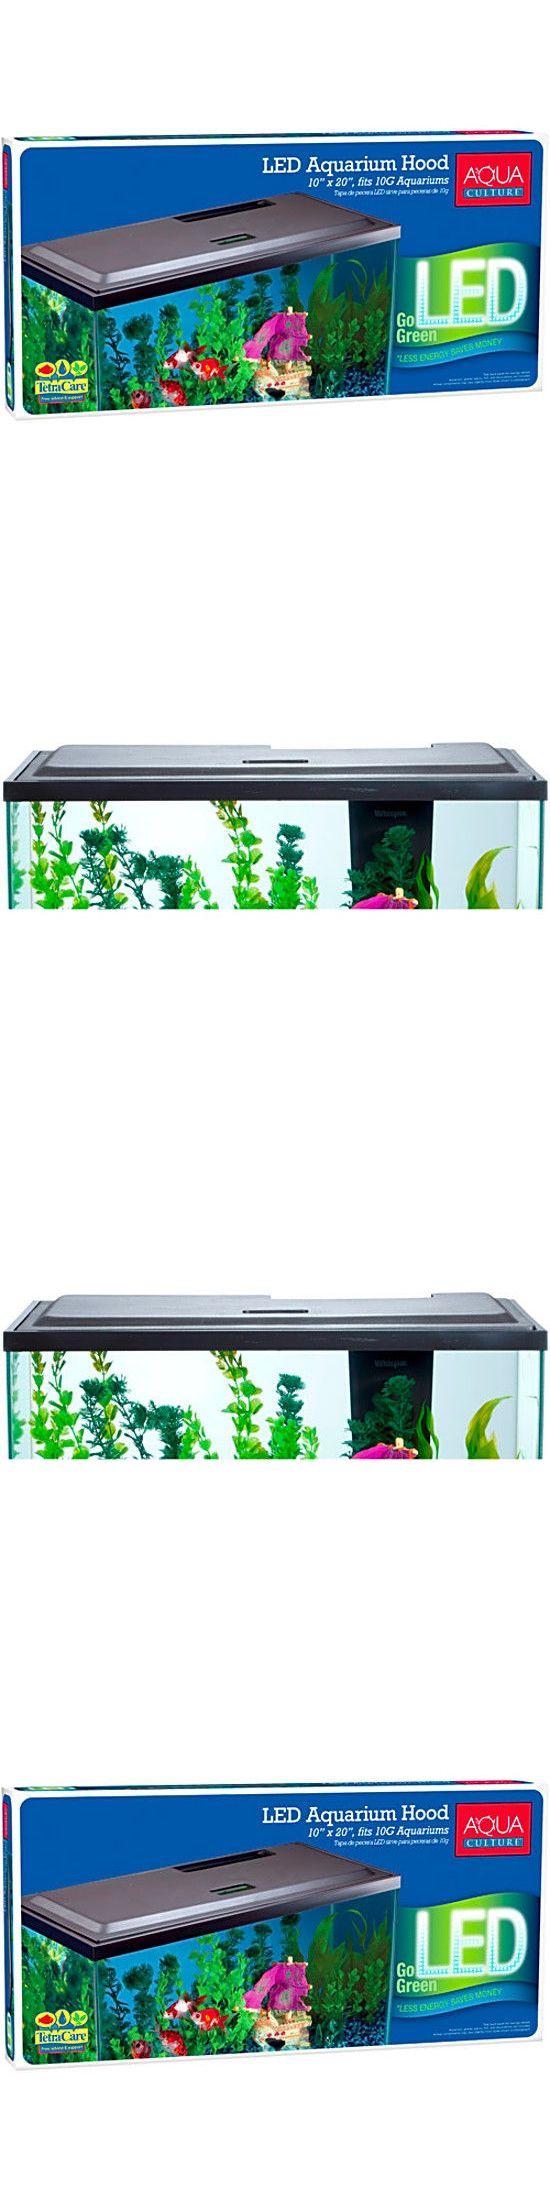 Aquarium fish tank ebay - Aquariums And Tanks 20755 Aqua Culture Led Hood For 10 Gallon Aquariums New Free Shipping